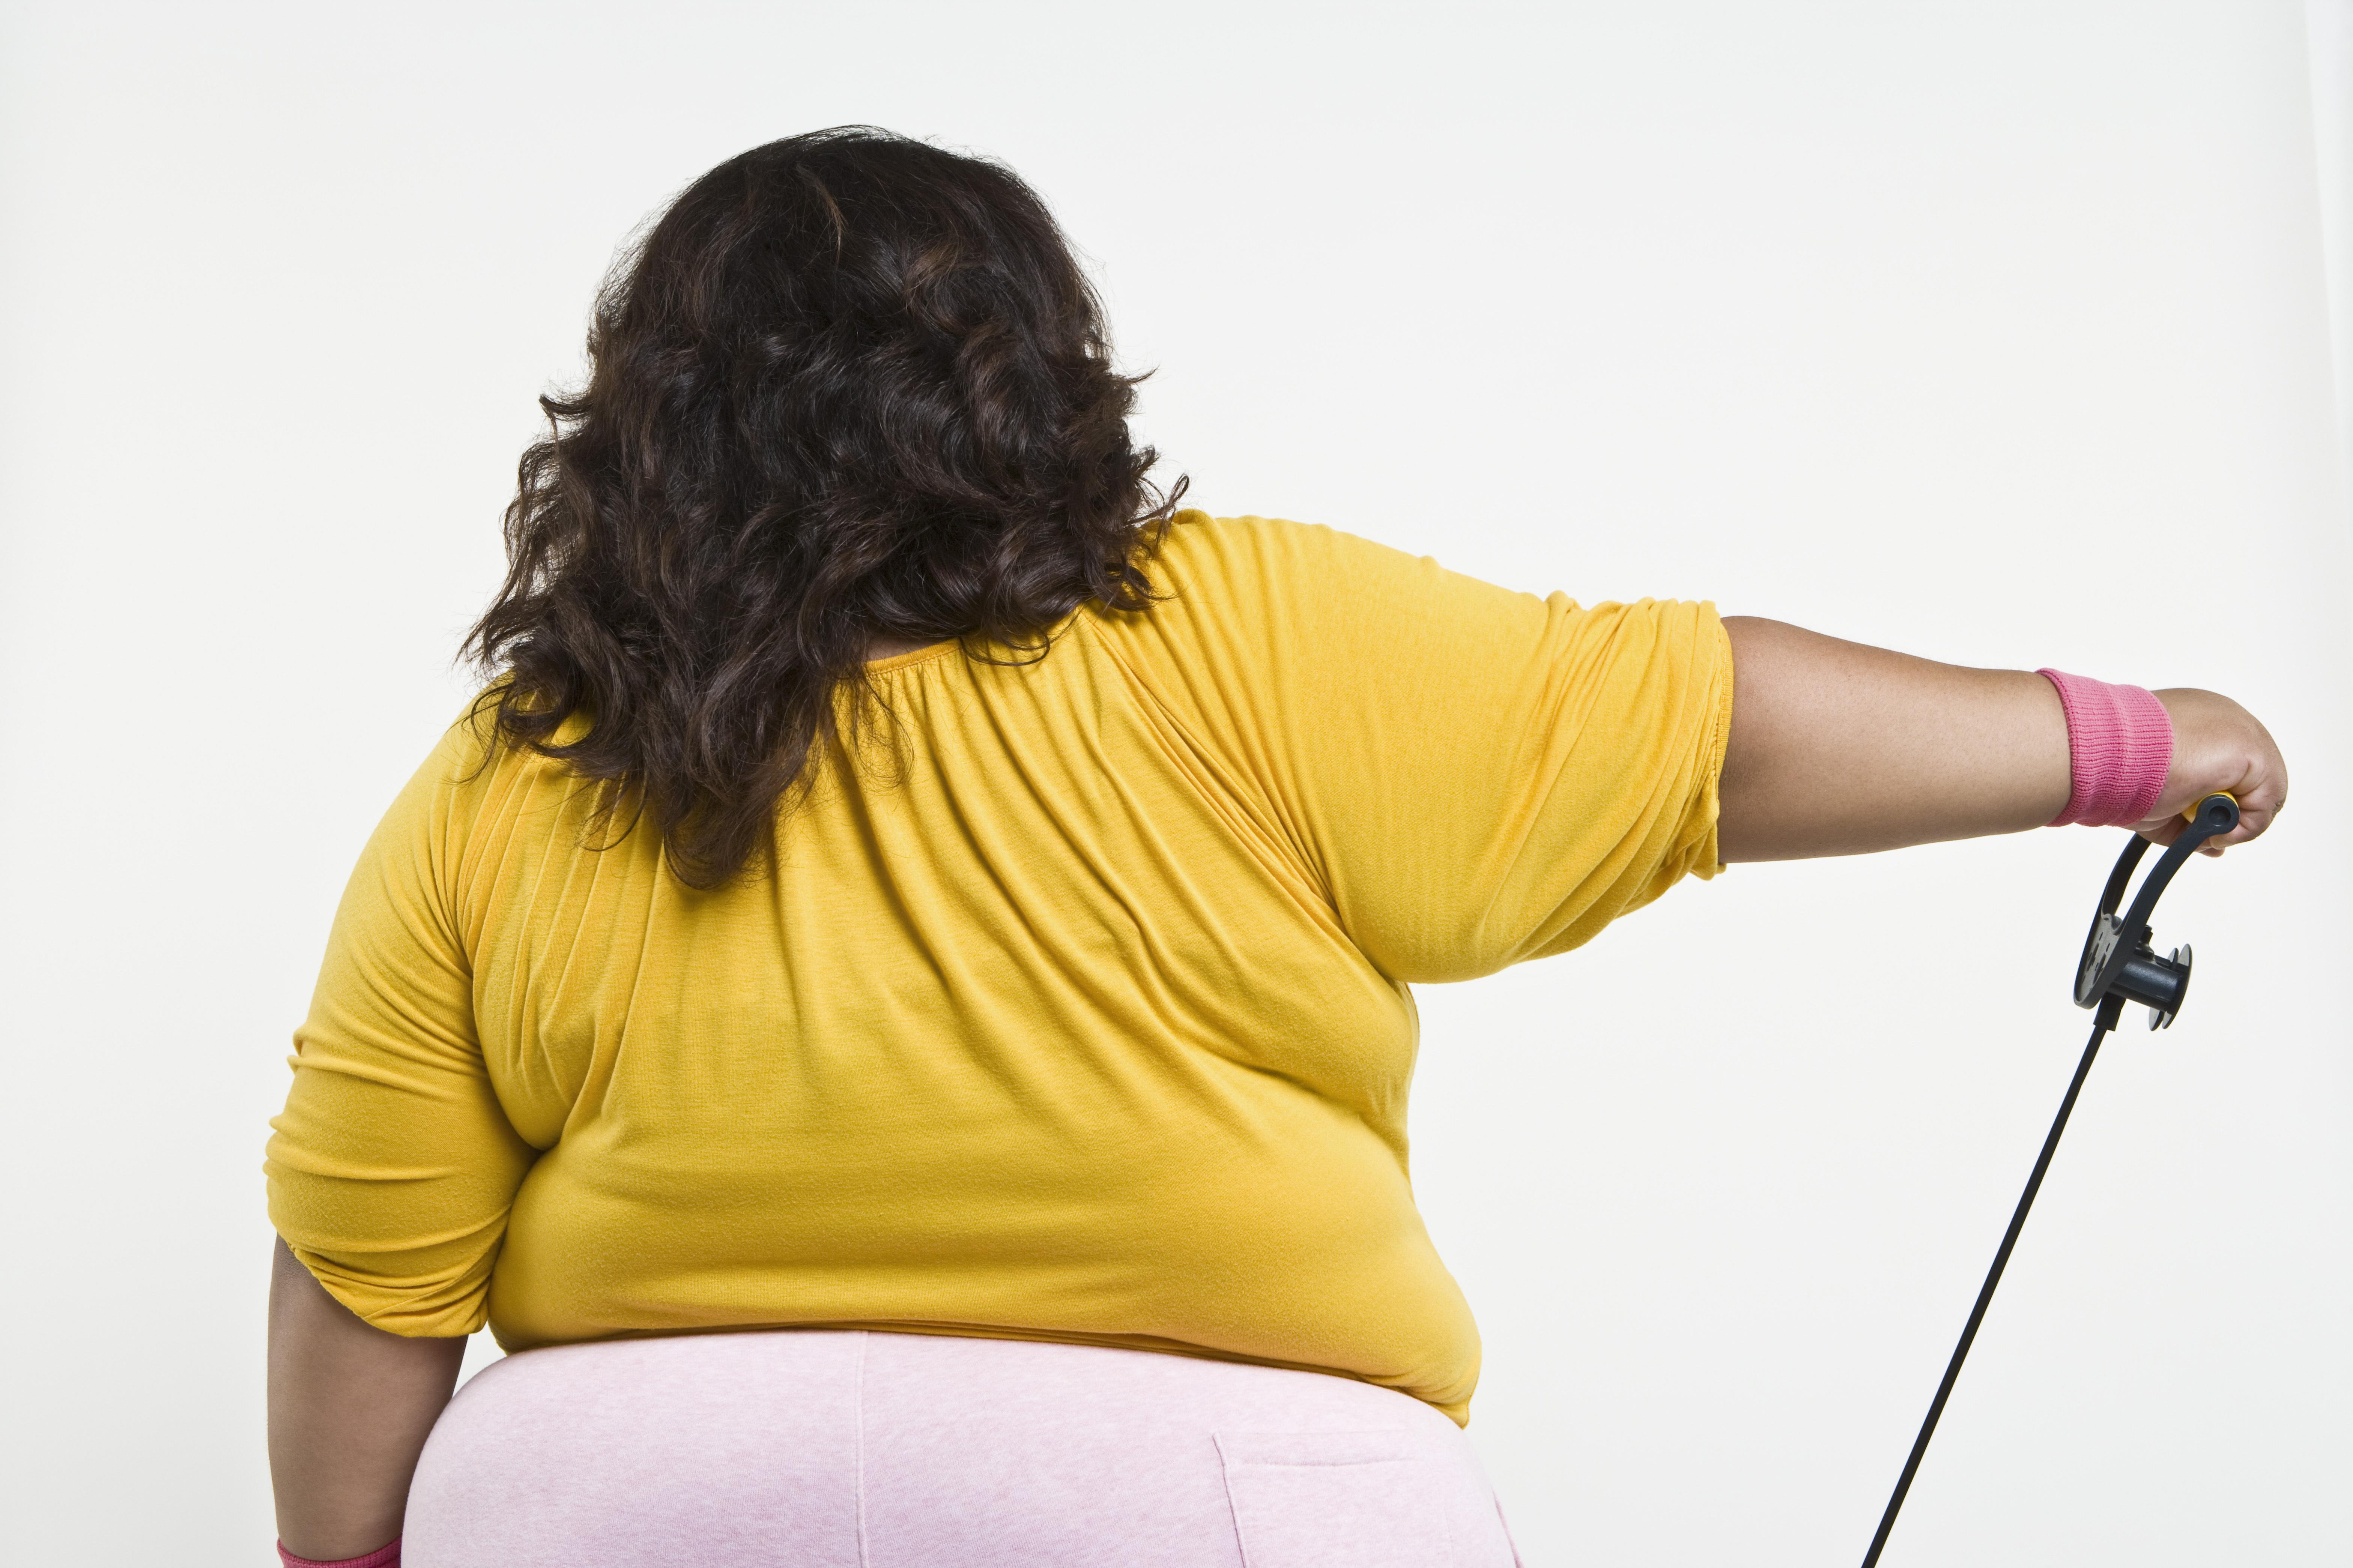 En halv miljon svenskar bedöms vara feta.